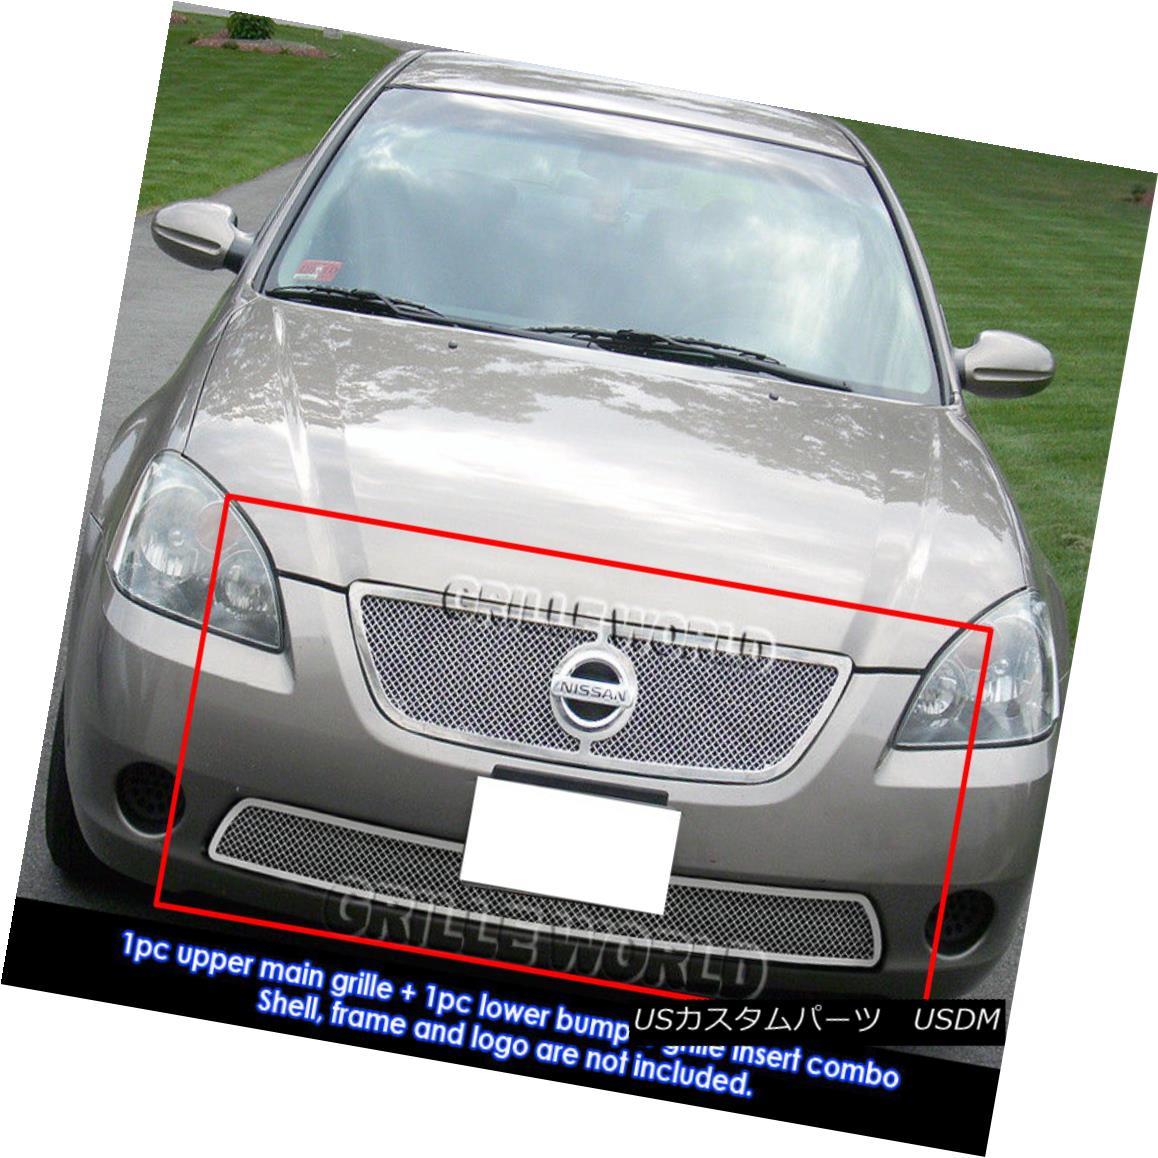 グリル For 2002-2004 Nissan Altima Stainless Steel Mesh Grille Grill Combo Insert 日産アルティマステンレスメッシュグリルグリルコンボインサート